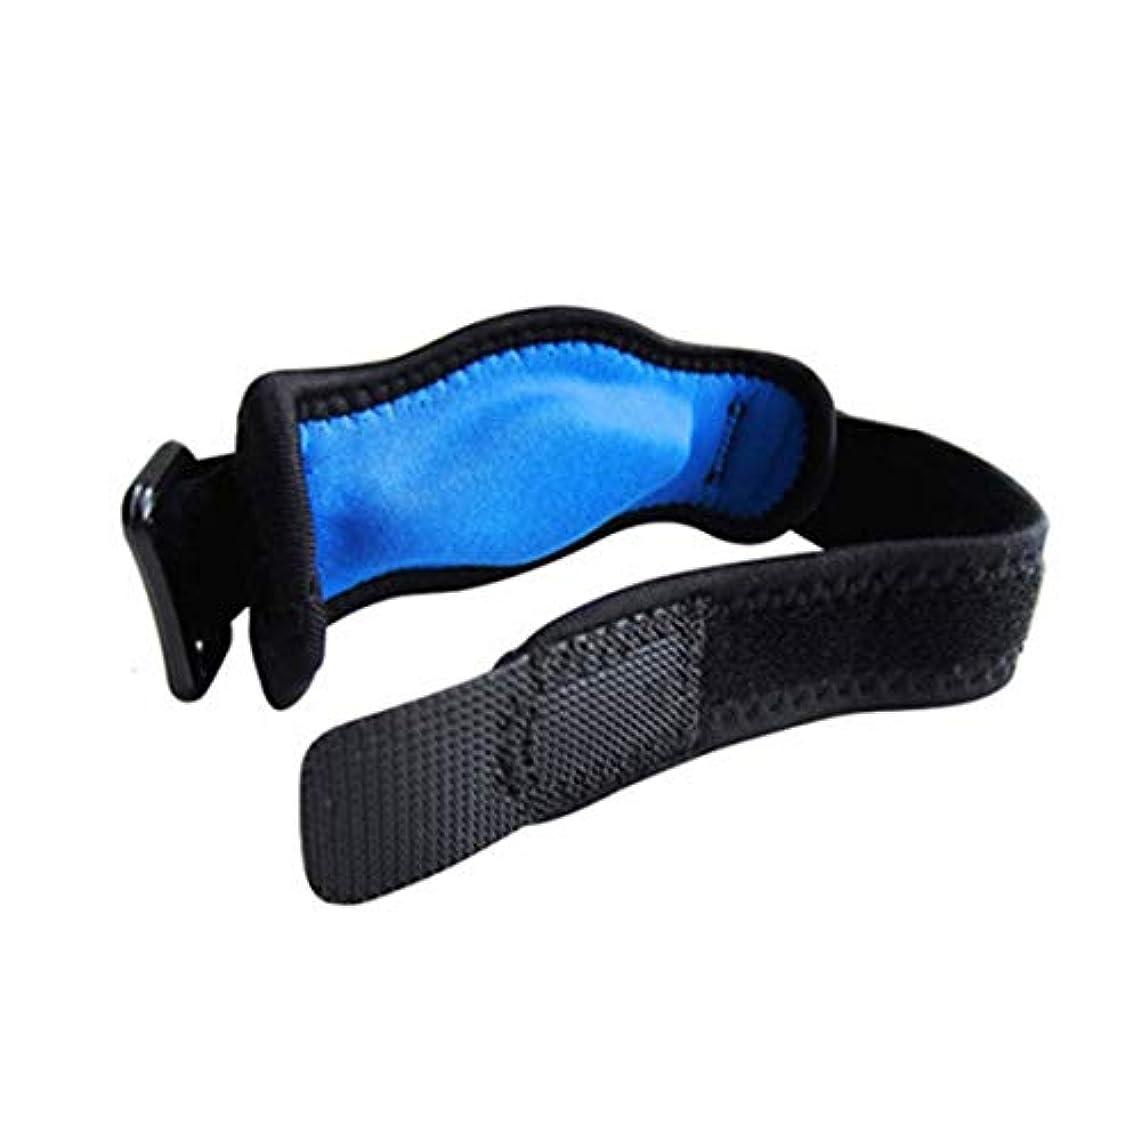 タックルメカニック追う調節可能なテニス肘サポートストラップブレースゴルフ前腕痛み緩和 - 黒